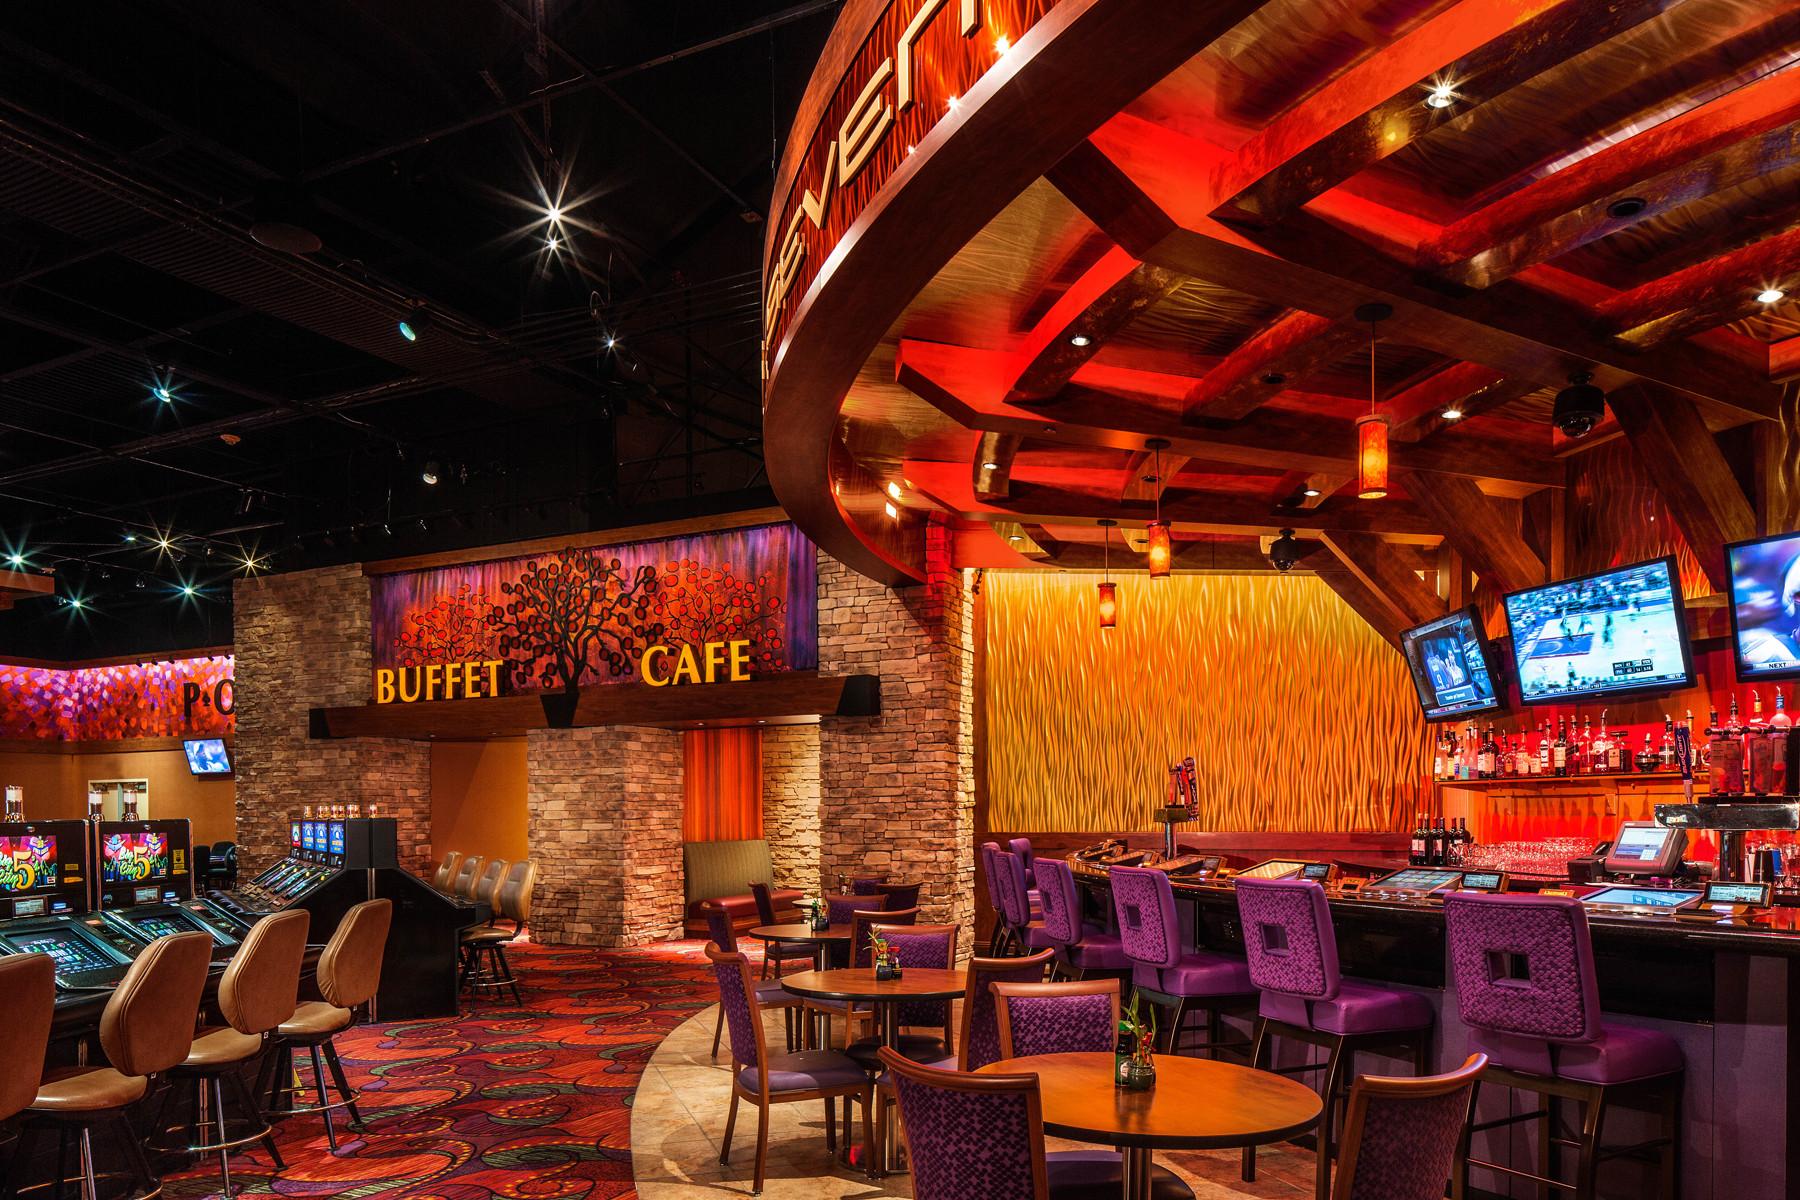 Cafe casino no deposit code